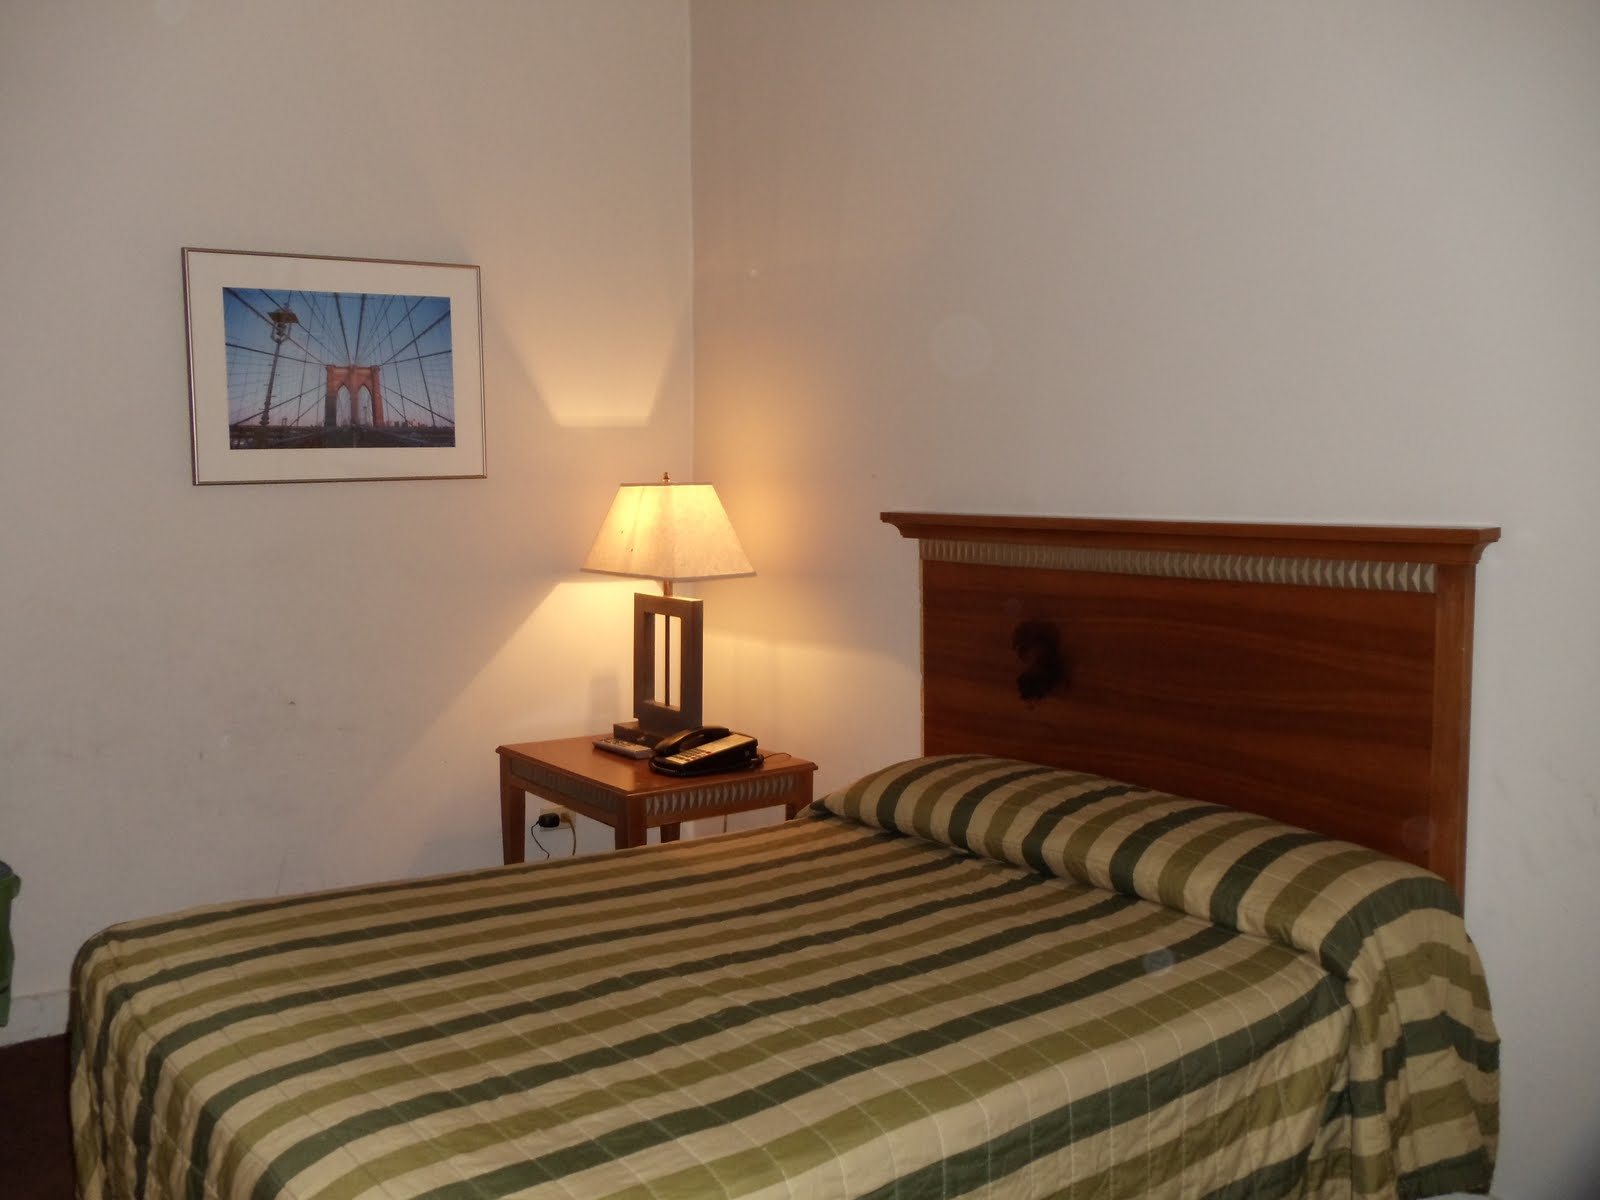 Nossa cama e a mesinha de cabeceira com o telefone #B47417 1600 1200